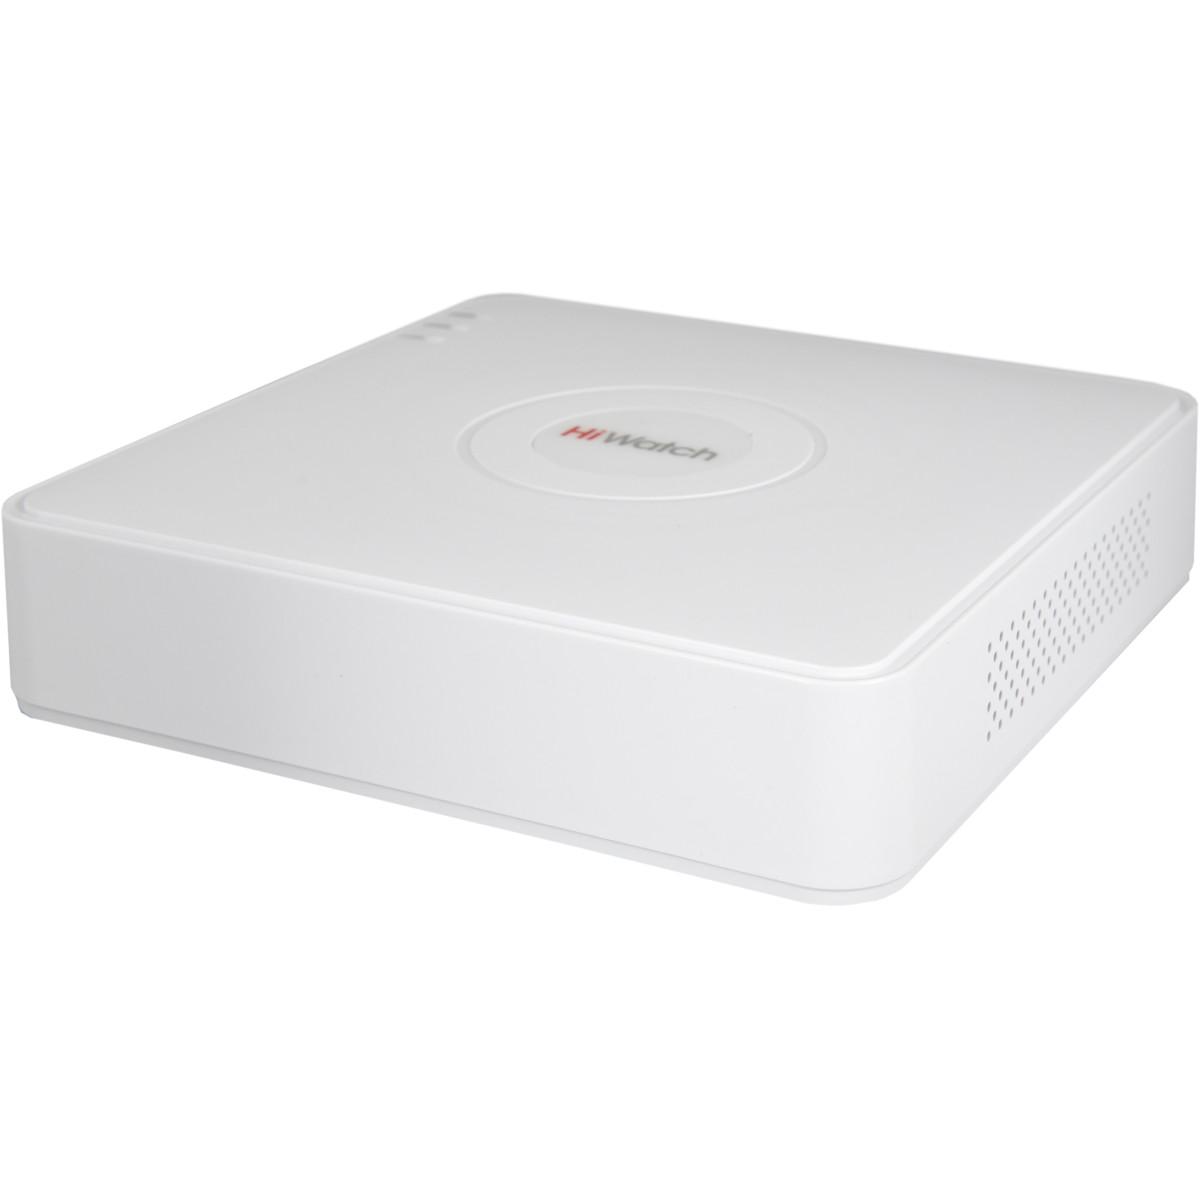 Комплект Регистратор Для Видеонаблюдения Hiwatch Ds-N208(B)